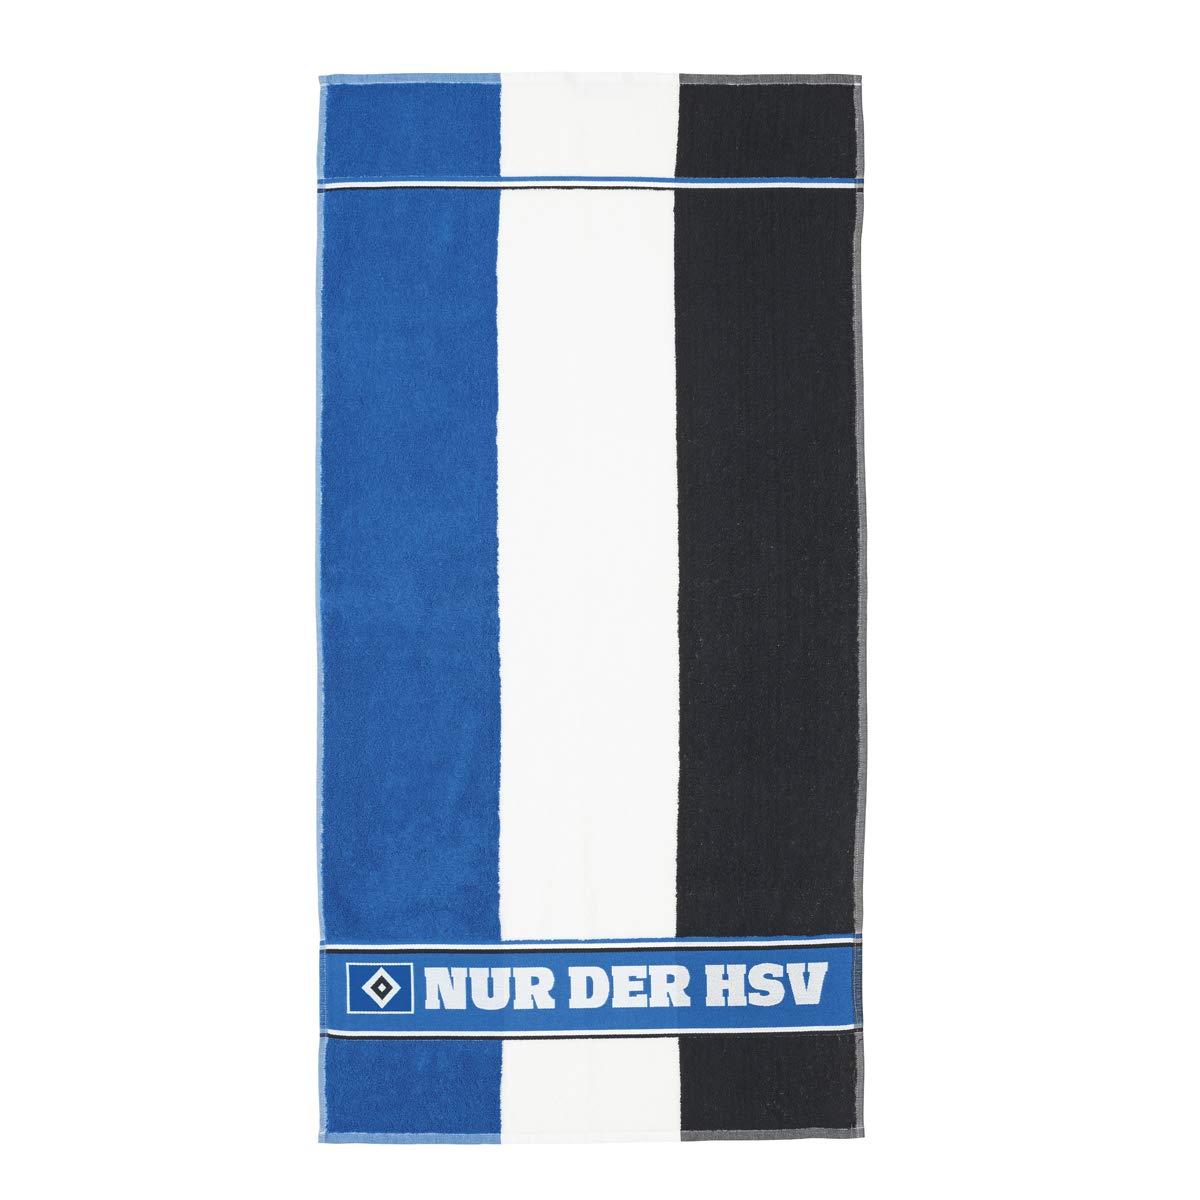 HSV Duschtuch Nur der HSV Hamburger SV